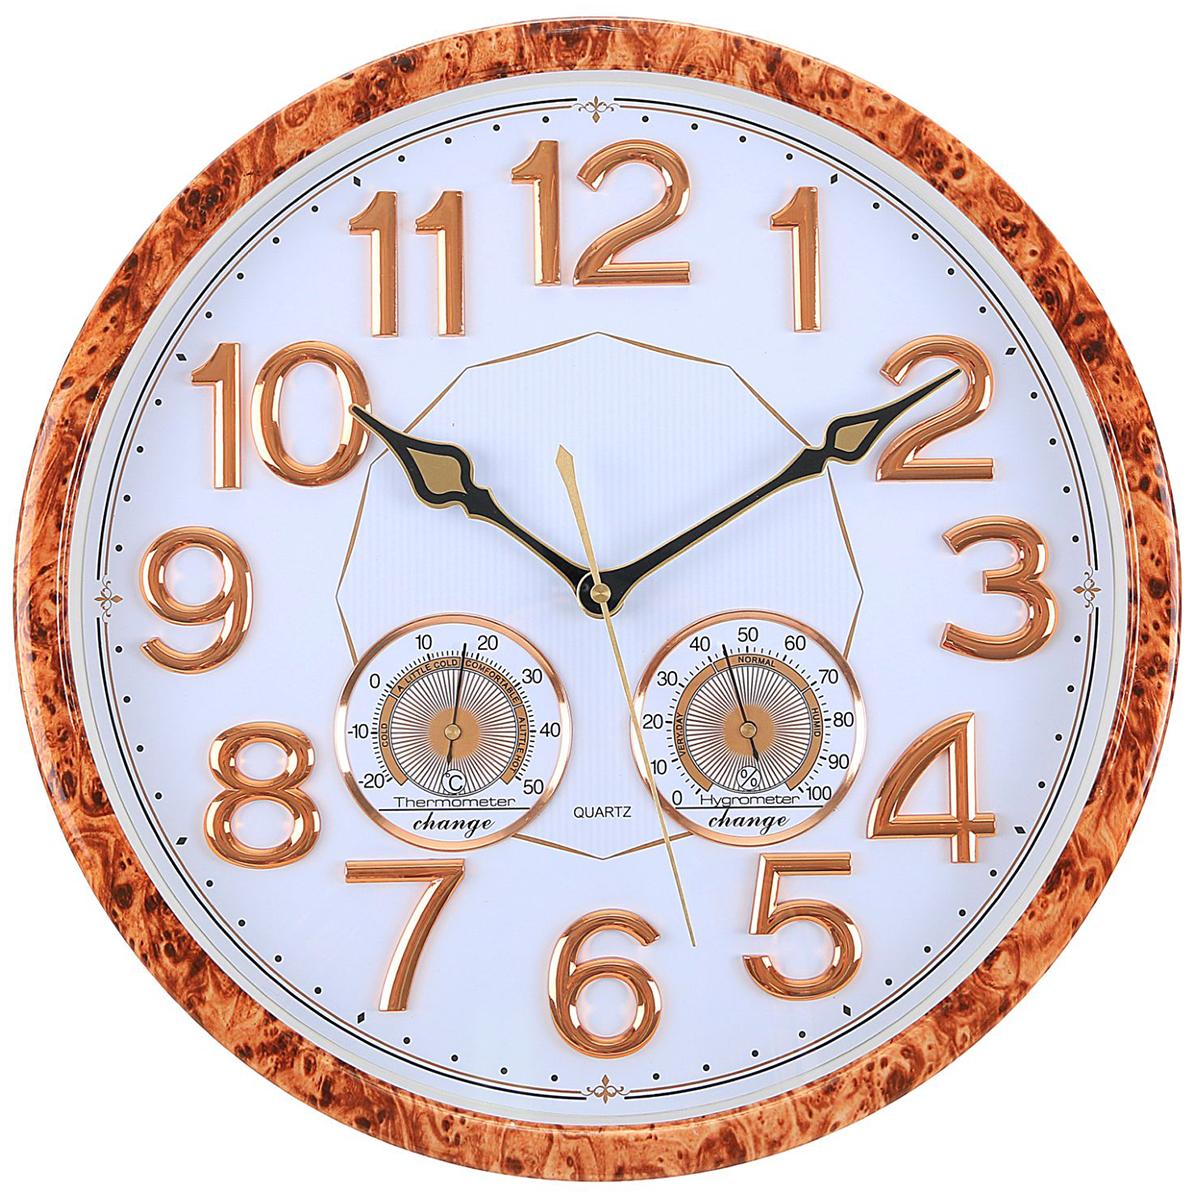 Часы настенные интерьерные, с термометром и гигрометром, цвет: мрамор, диаметр 38 см2342166Каждому хозяину периодически приходит мысль обновить свою квартиру, сделать ремонт, перестановку или кардинально поменять внешний вид каждой комнаты. — привлекательная деталь, которая поможет воплотить вашу интерьерную идею, создать неповторимую атмосферу в вашем доме. Окружите себя приятными мелочами, пусть они радуют глаз и дарят гармонию.Часы настенные интерьерные под мрамор, объёмные цифры, термометр, гигрометр круг 38*5 см 2342166